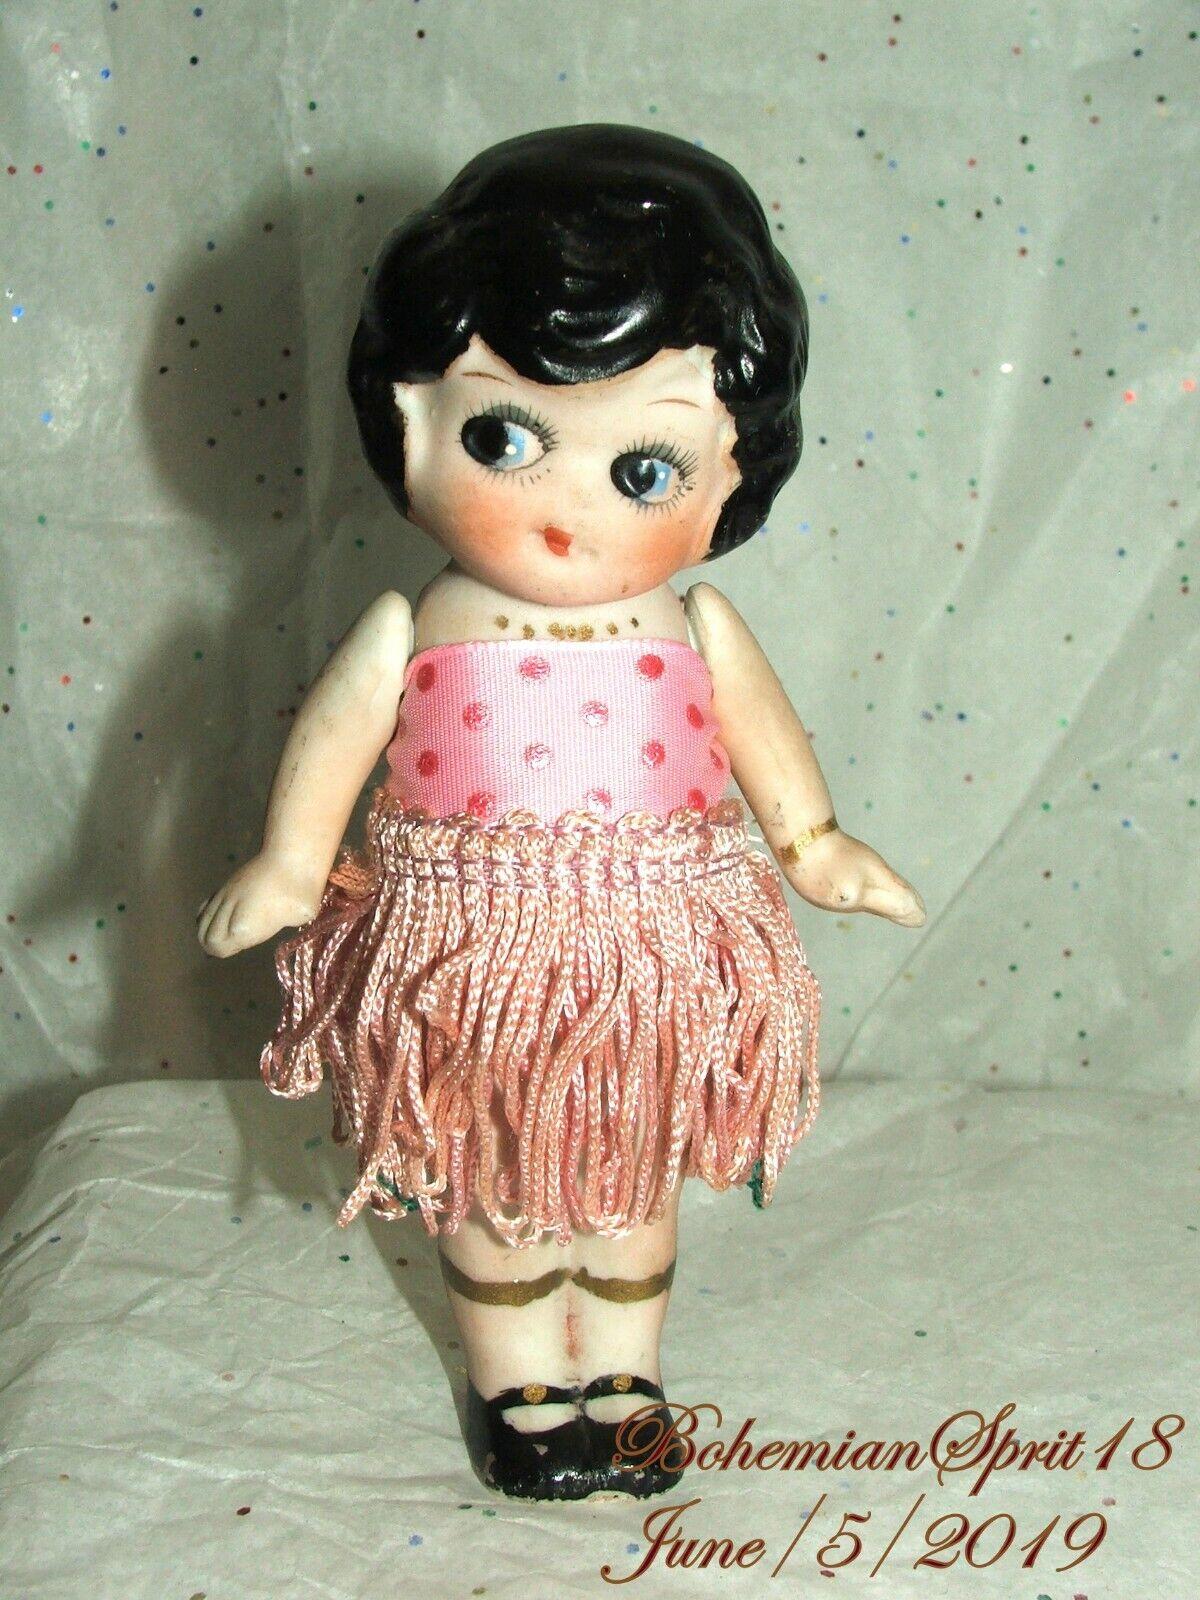 Antiguo Década de 1920 Japón Kewpie Aleta rosado Flecos Falda Biscuit 6  Girl Doll